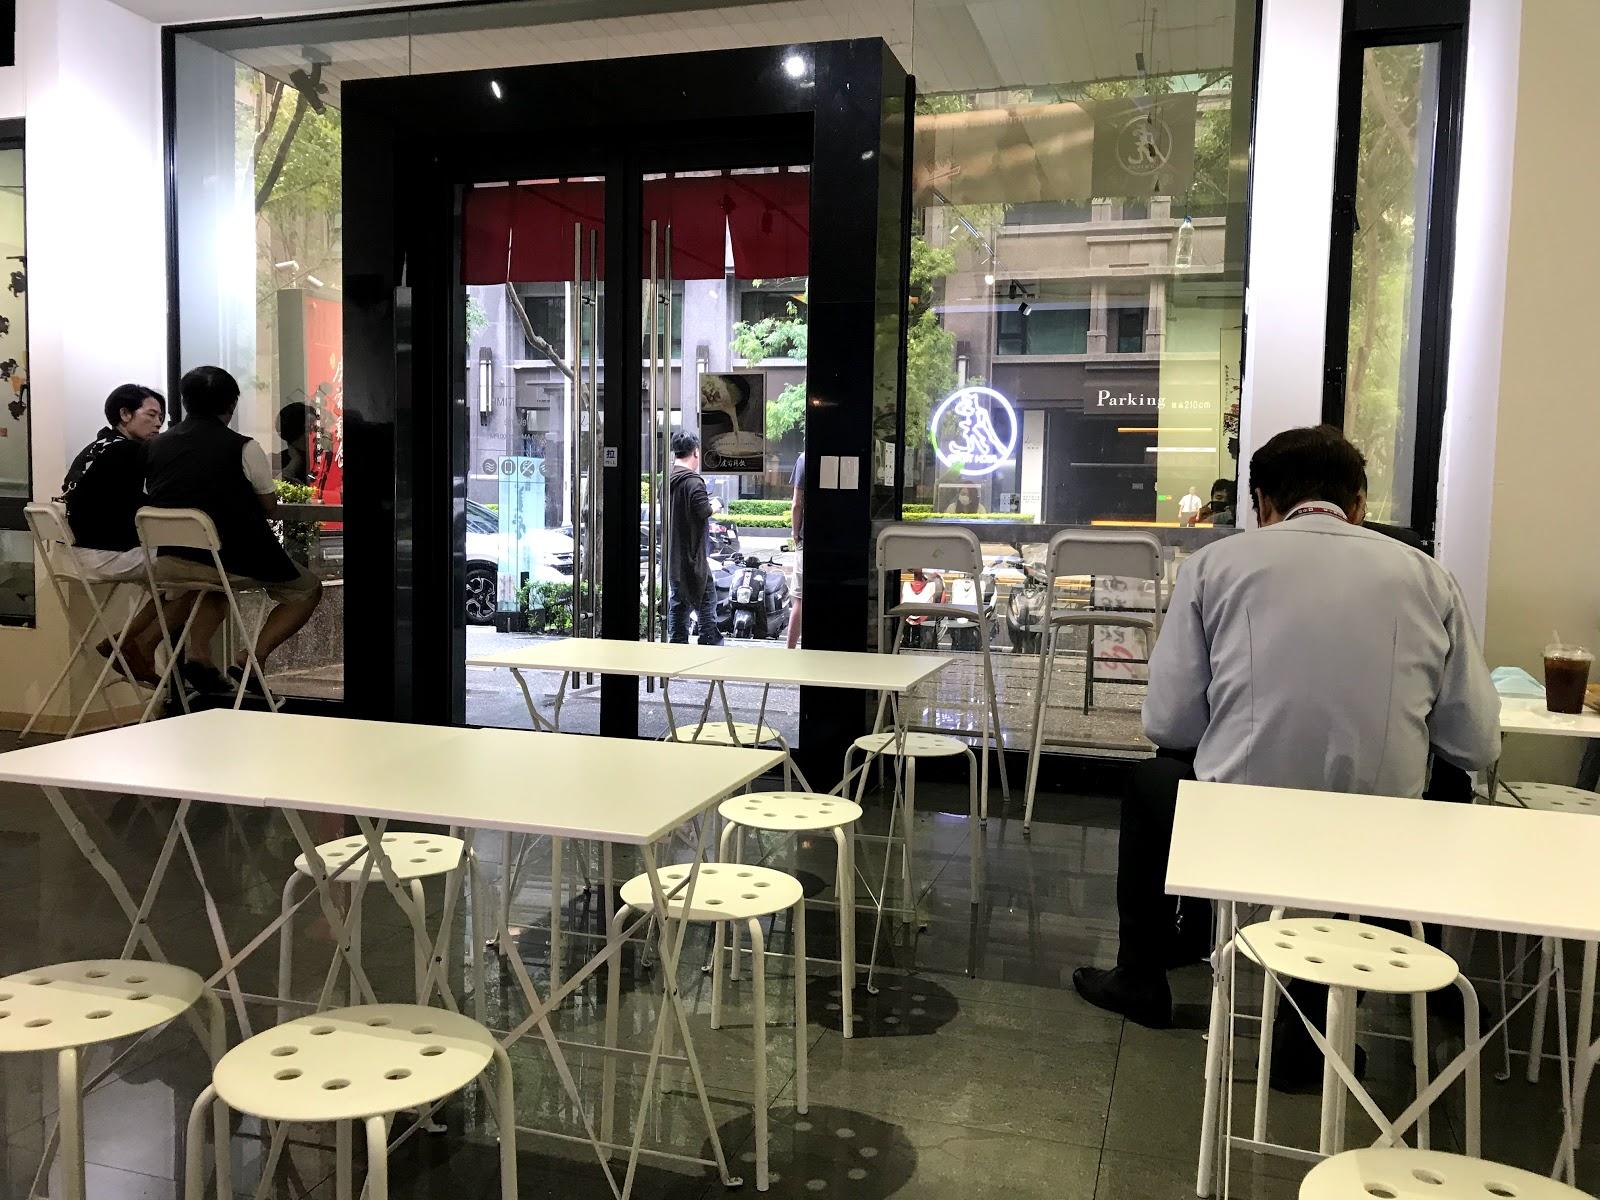 |虎爺雞飯 美術館店|正統馬來西亞滋味的海南雞飯|雞肉鮮嫩多汁配上油亮油亮的雞飯|湯頭濃厚的道地肉骨茶 [高雄 左營]